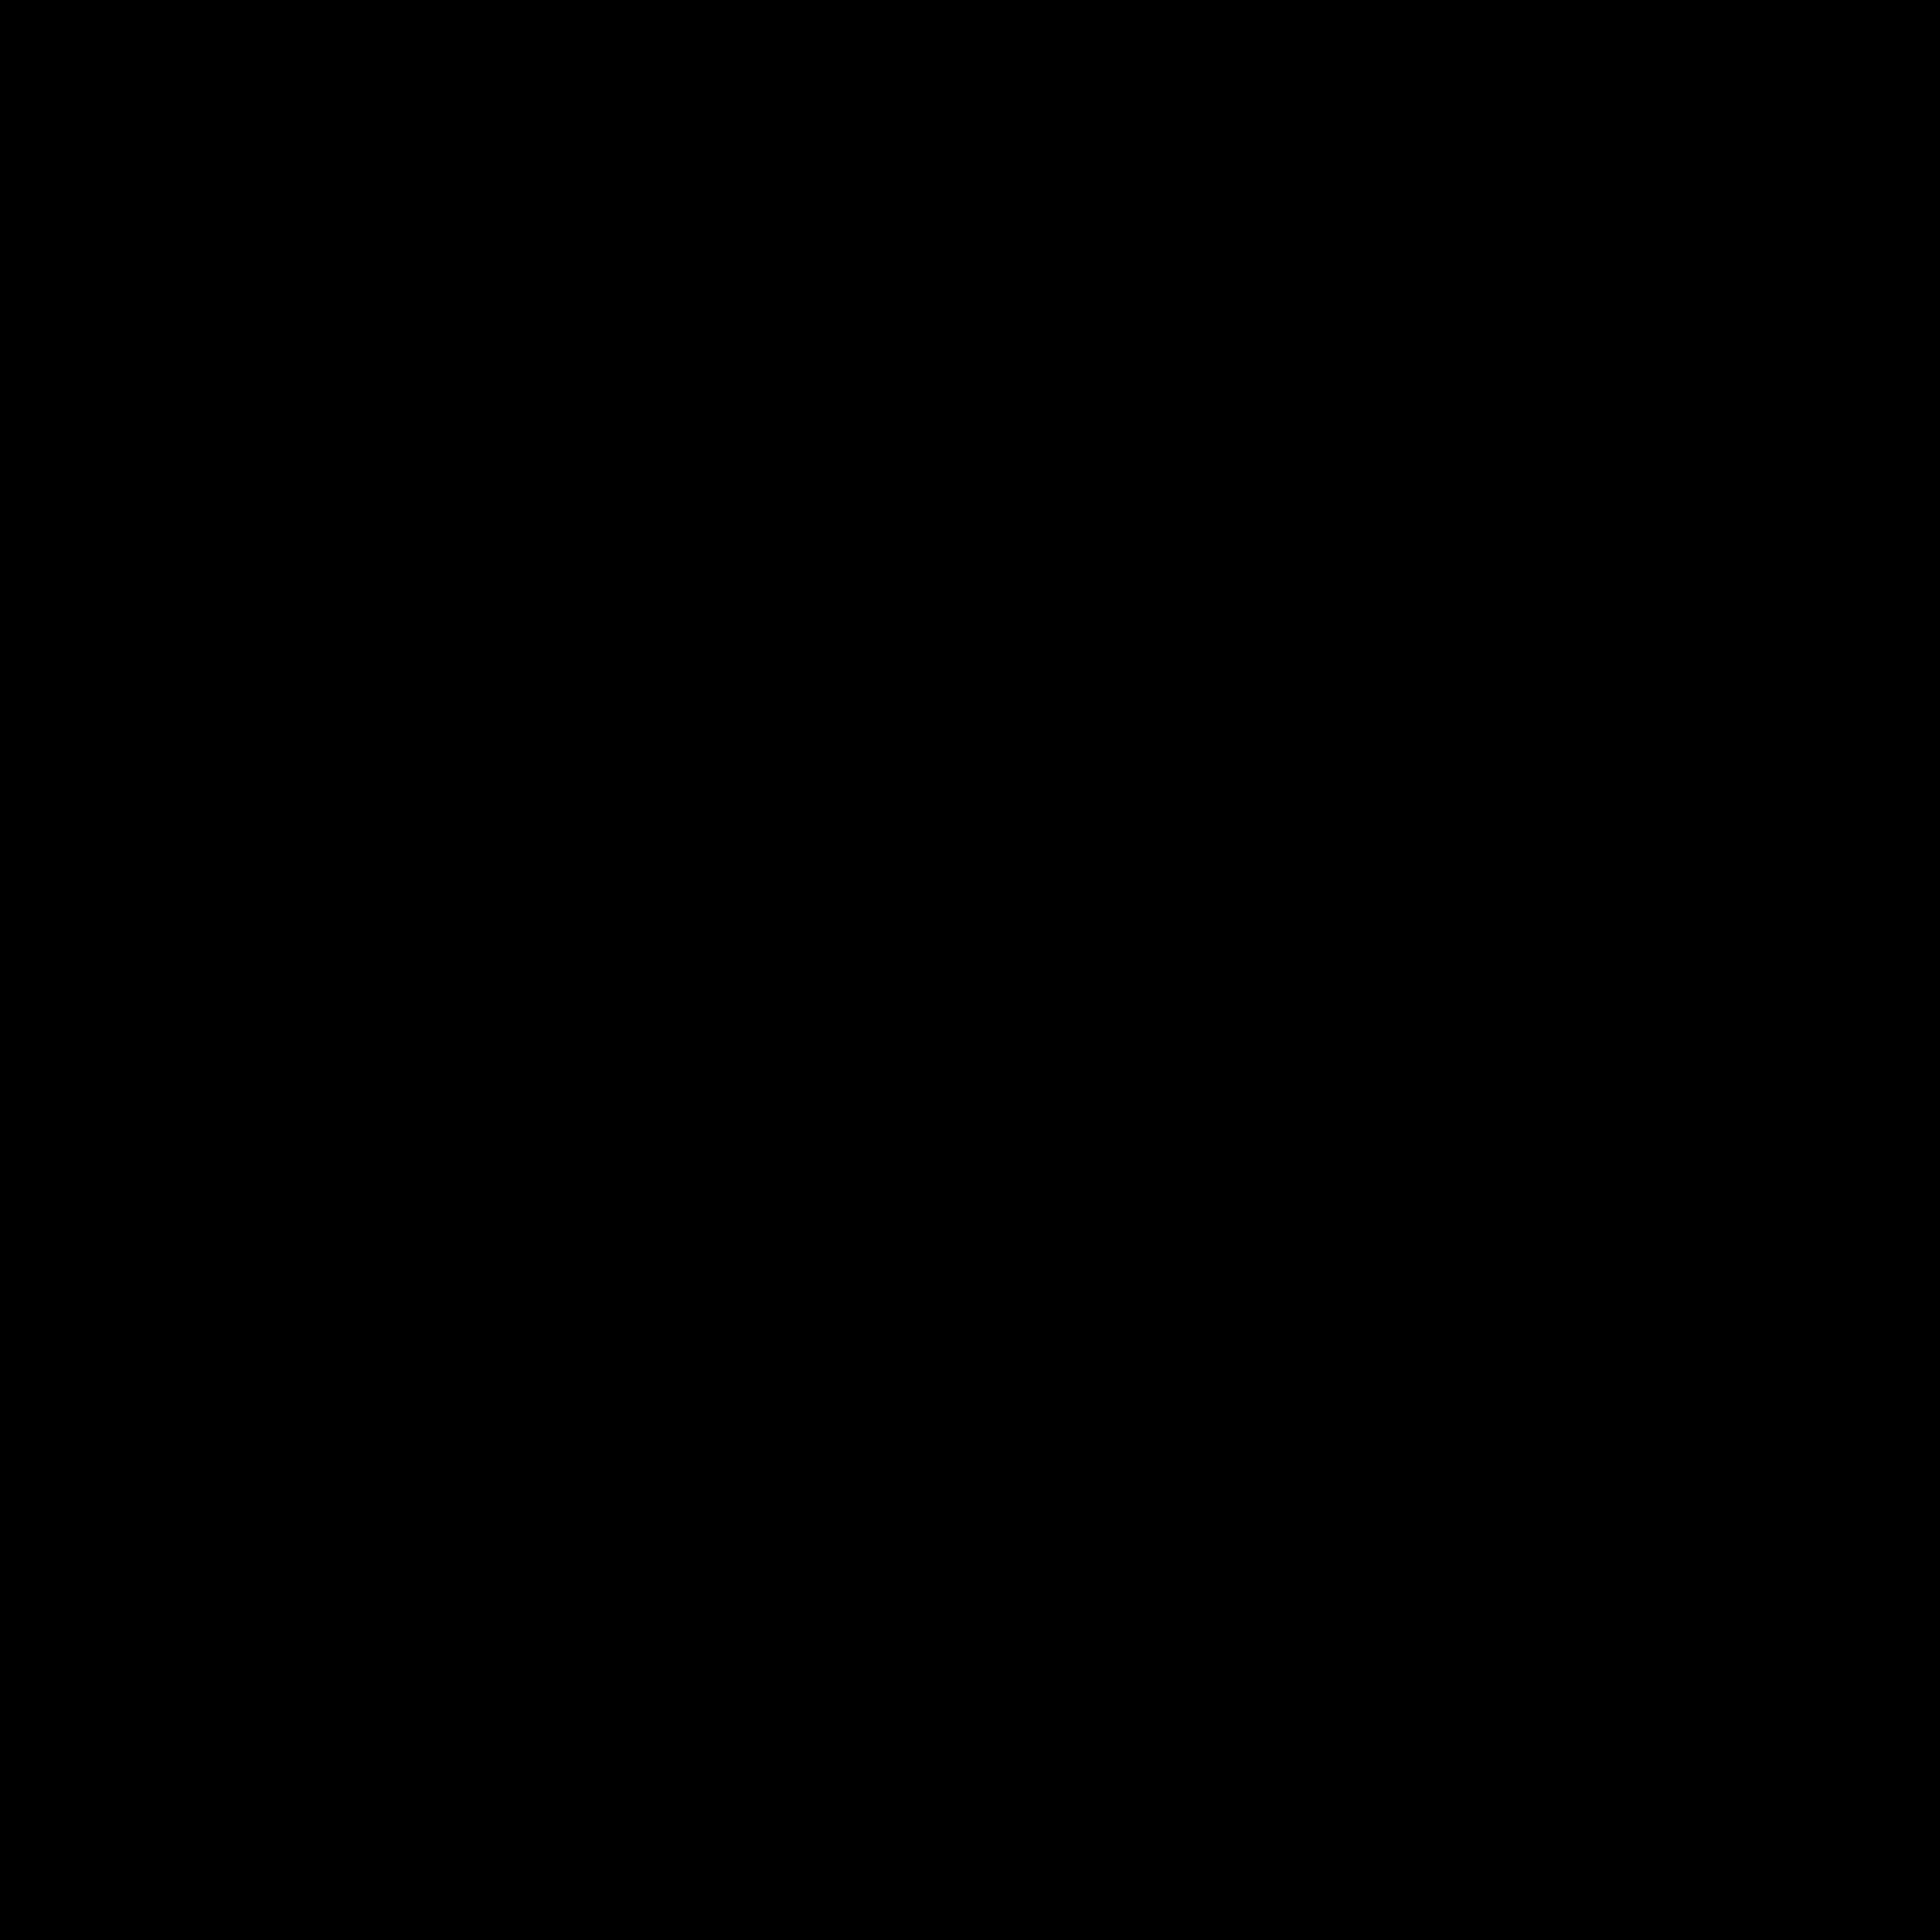 hermes logo 0 - Hermes Logo